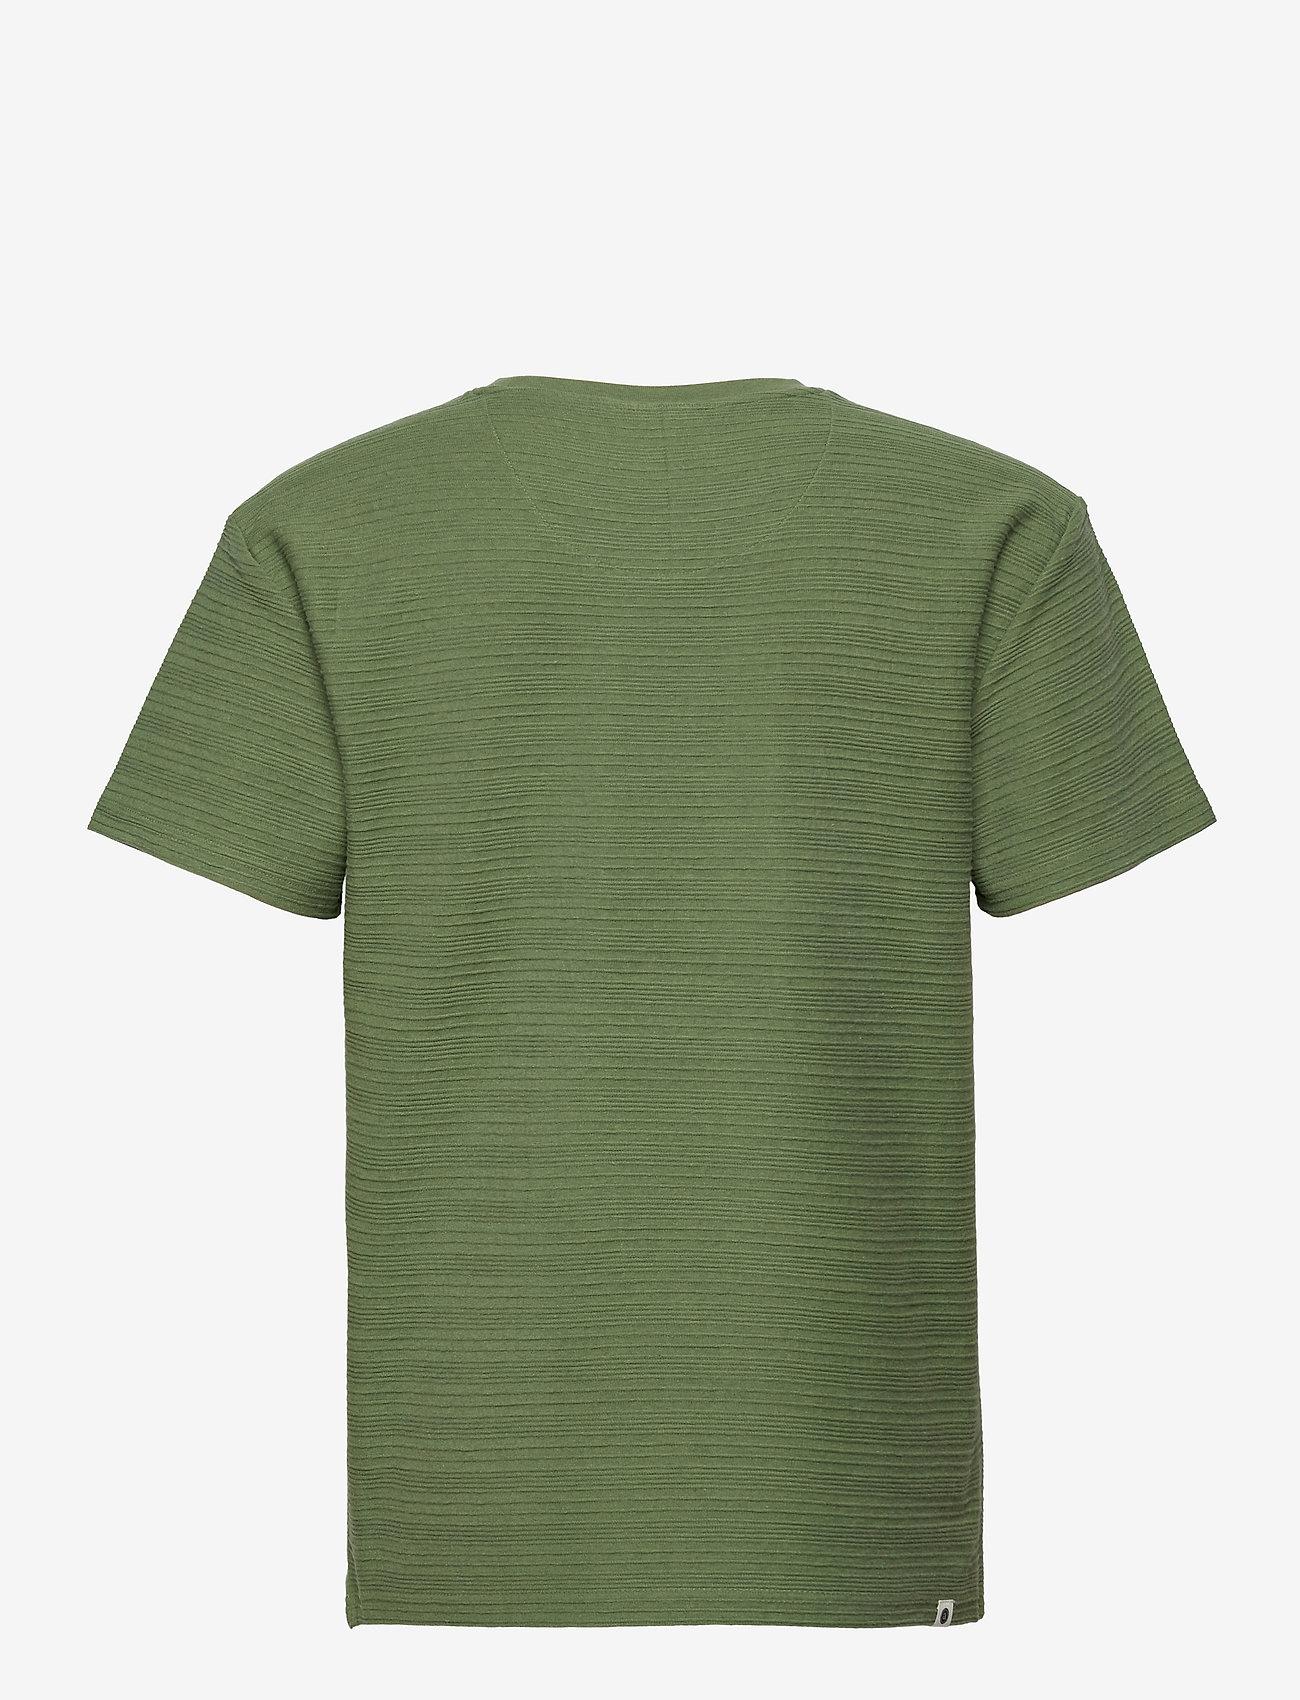 Anerkjendt - AKKIKKI STRUC STRIPE - t-shirts basiques - vineyard green - 1